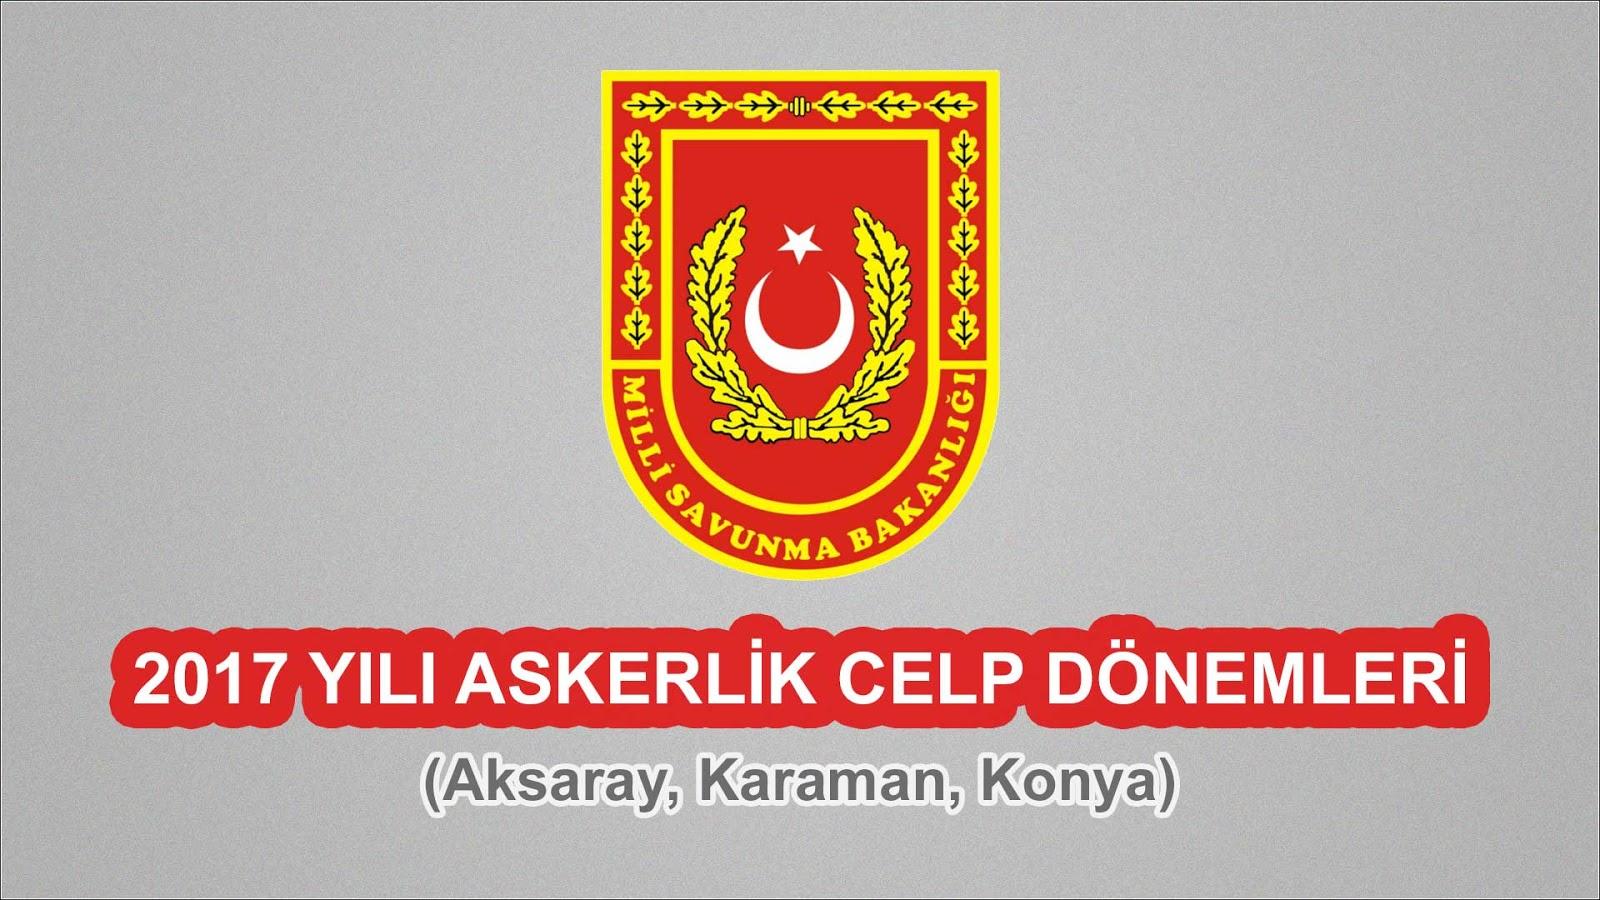 2017 Yılı Aksaray, Karaman, Konya Askerlik Celp Dönemleri